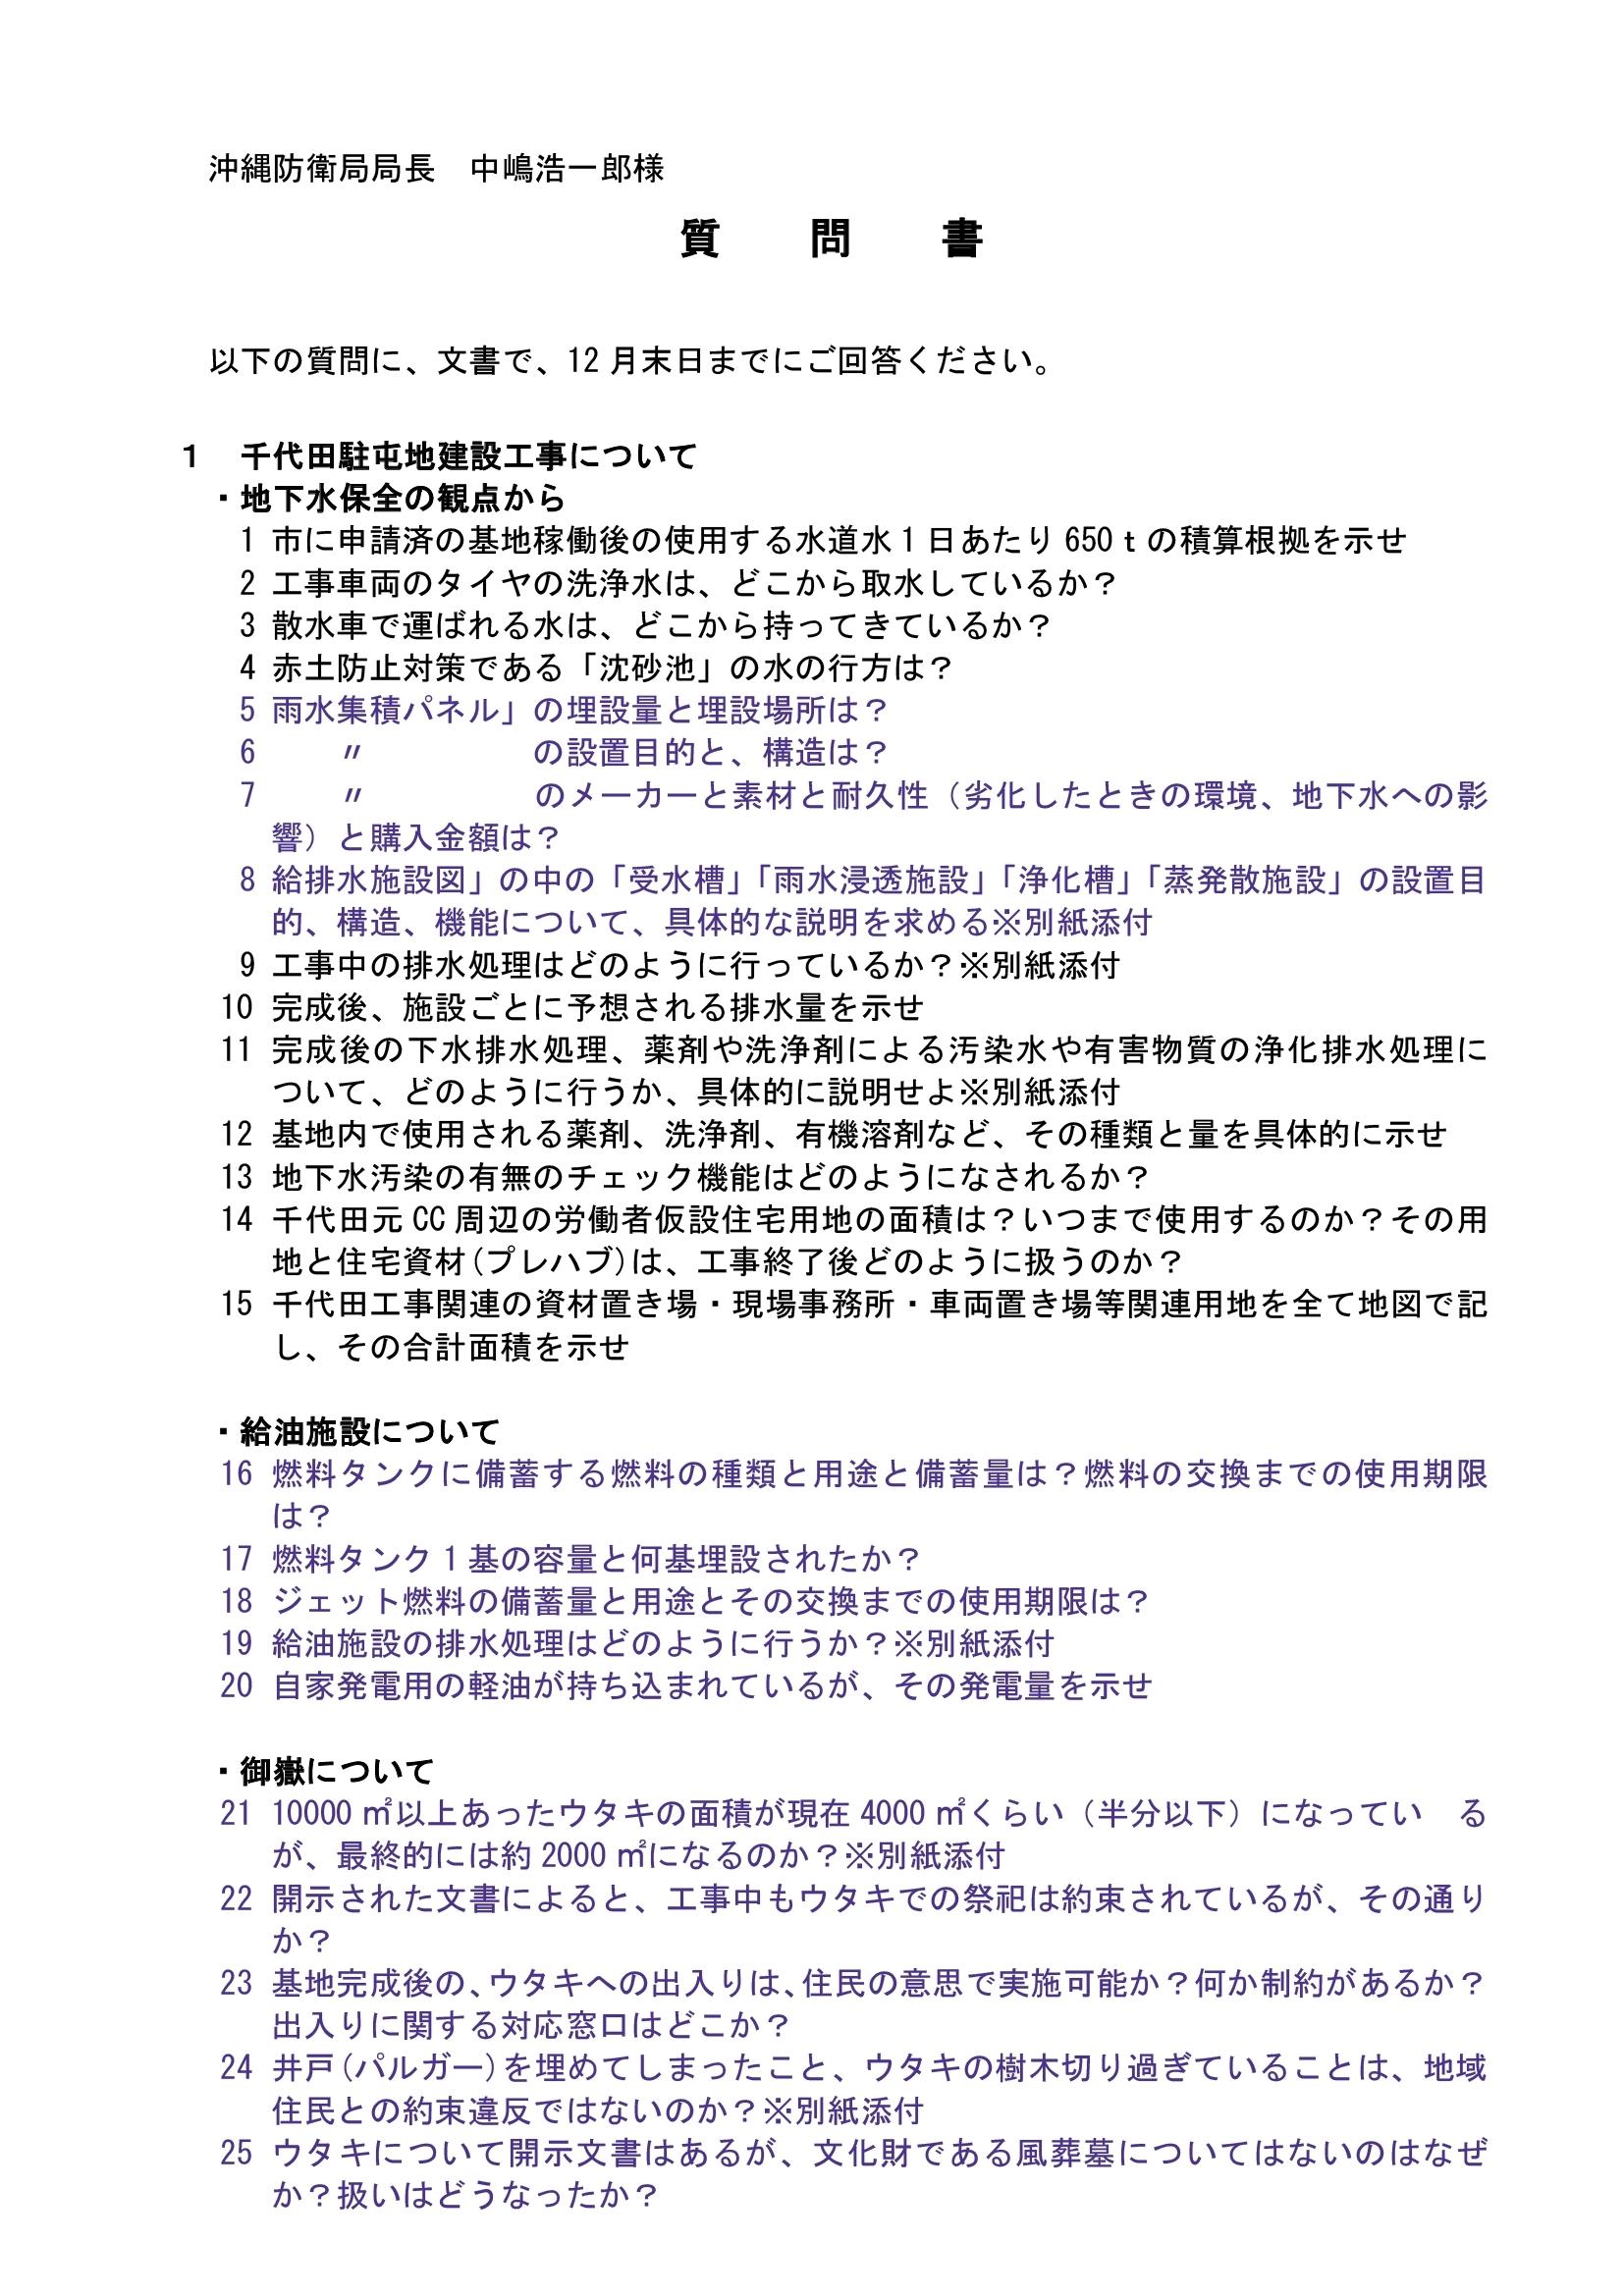 沖縄防衛局あて質問事項0001